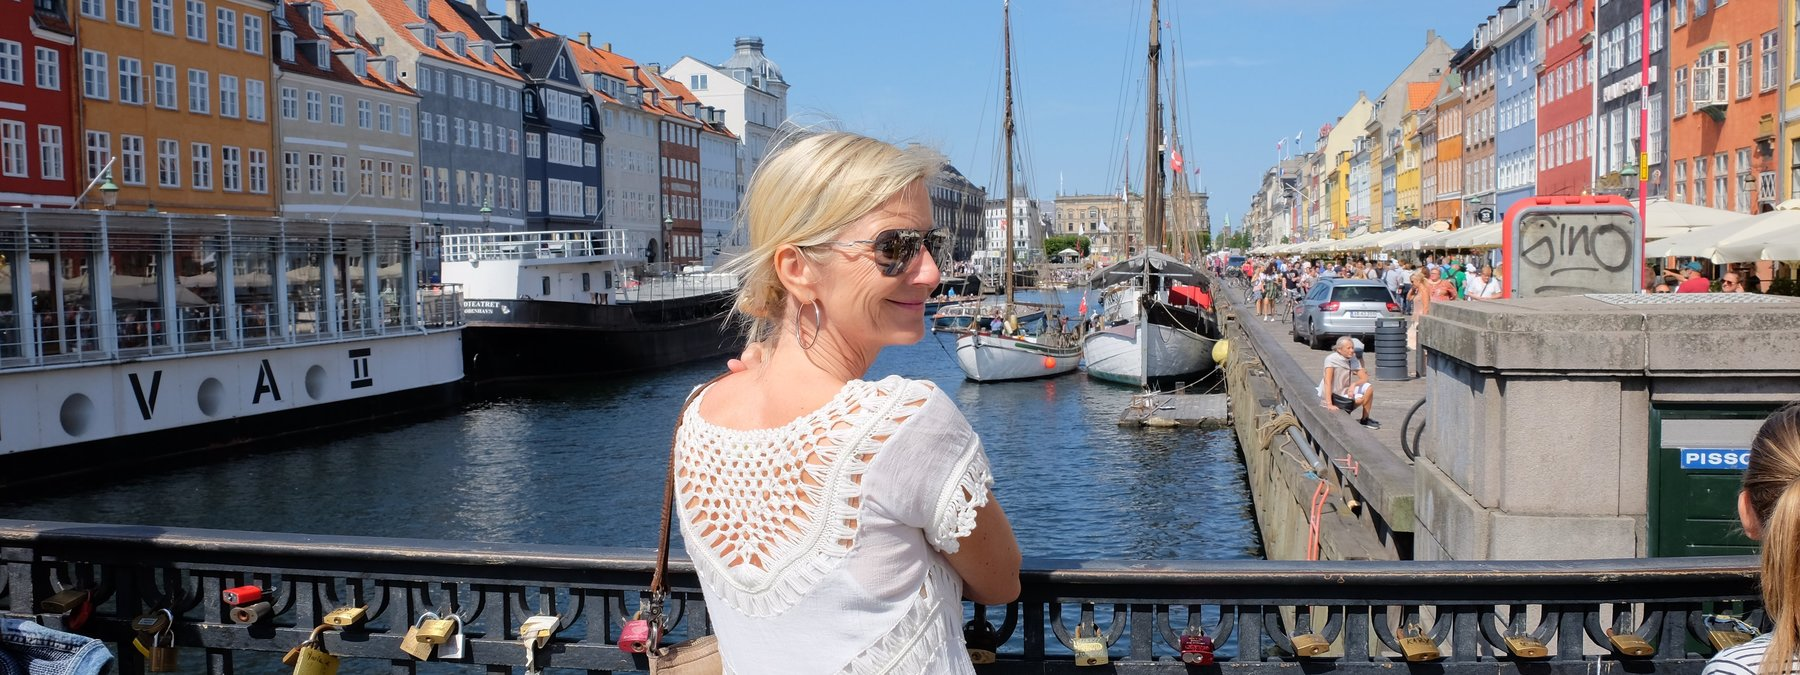 Artania - Christianshavn, Kopenhagen, Dänemark